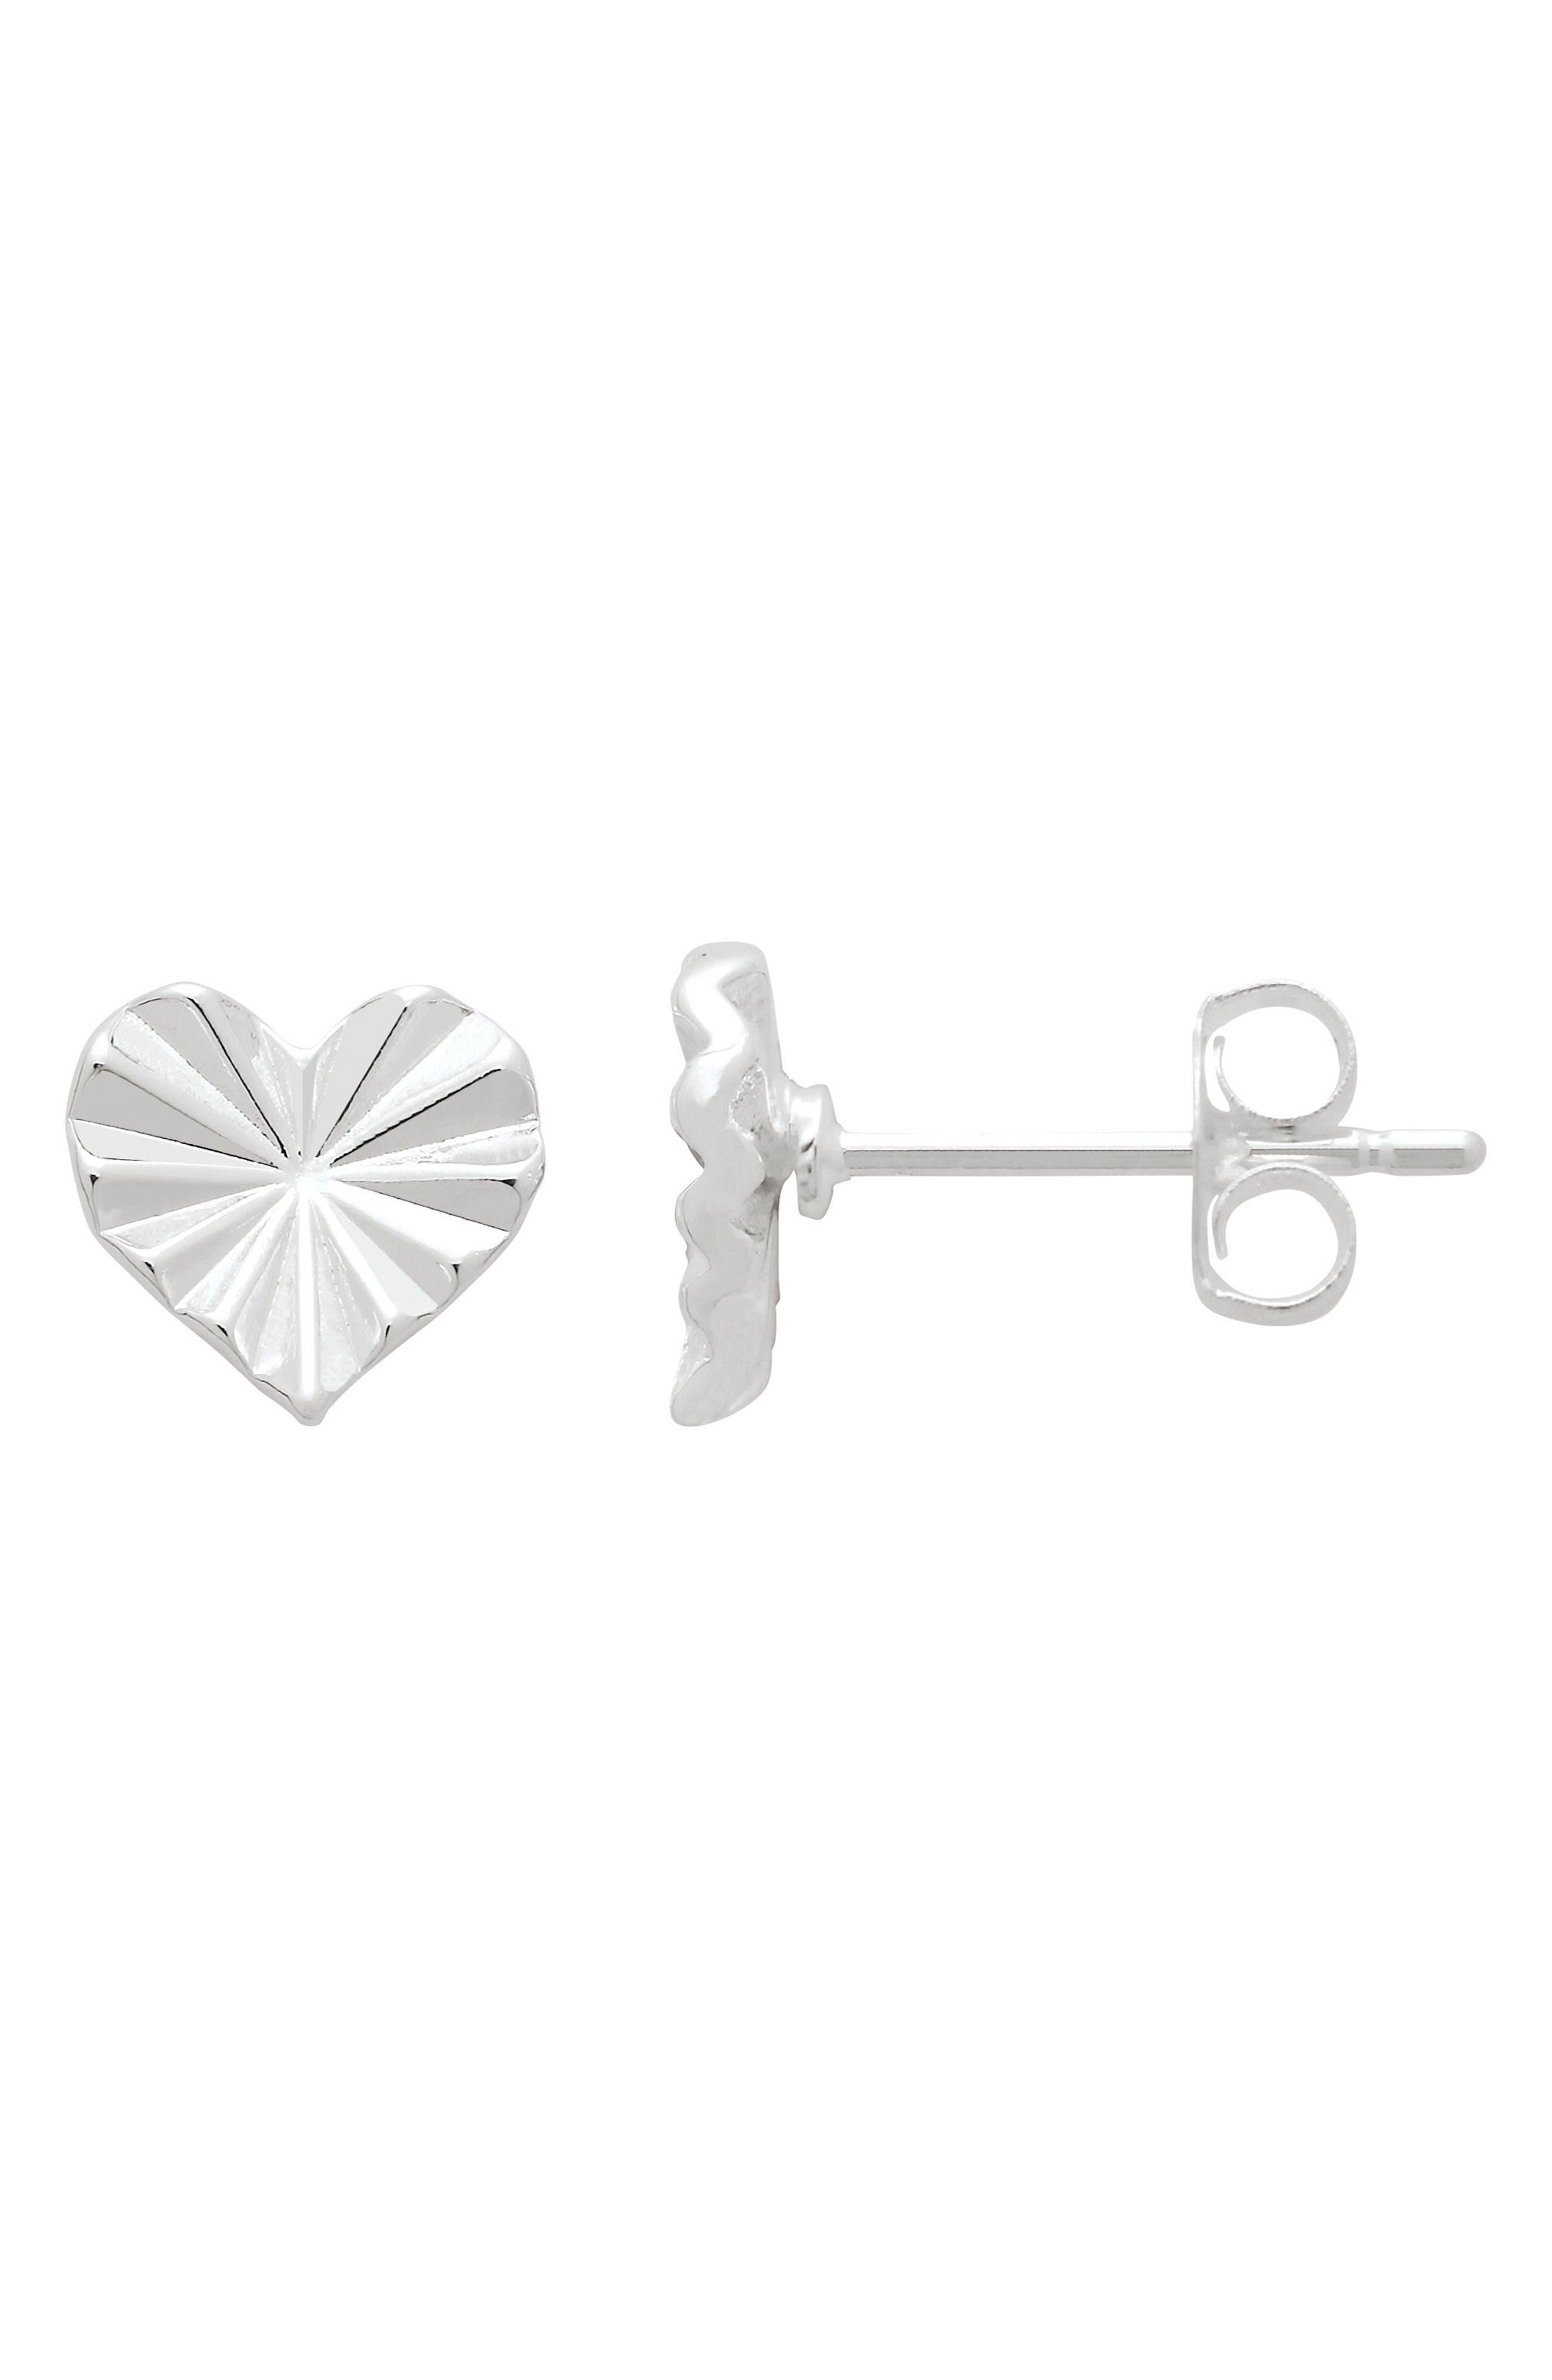 Folded Heart Stud Earrings,                             Main thumbnail 1, color,                             Silver